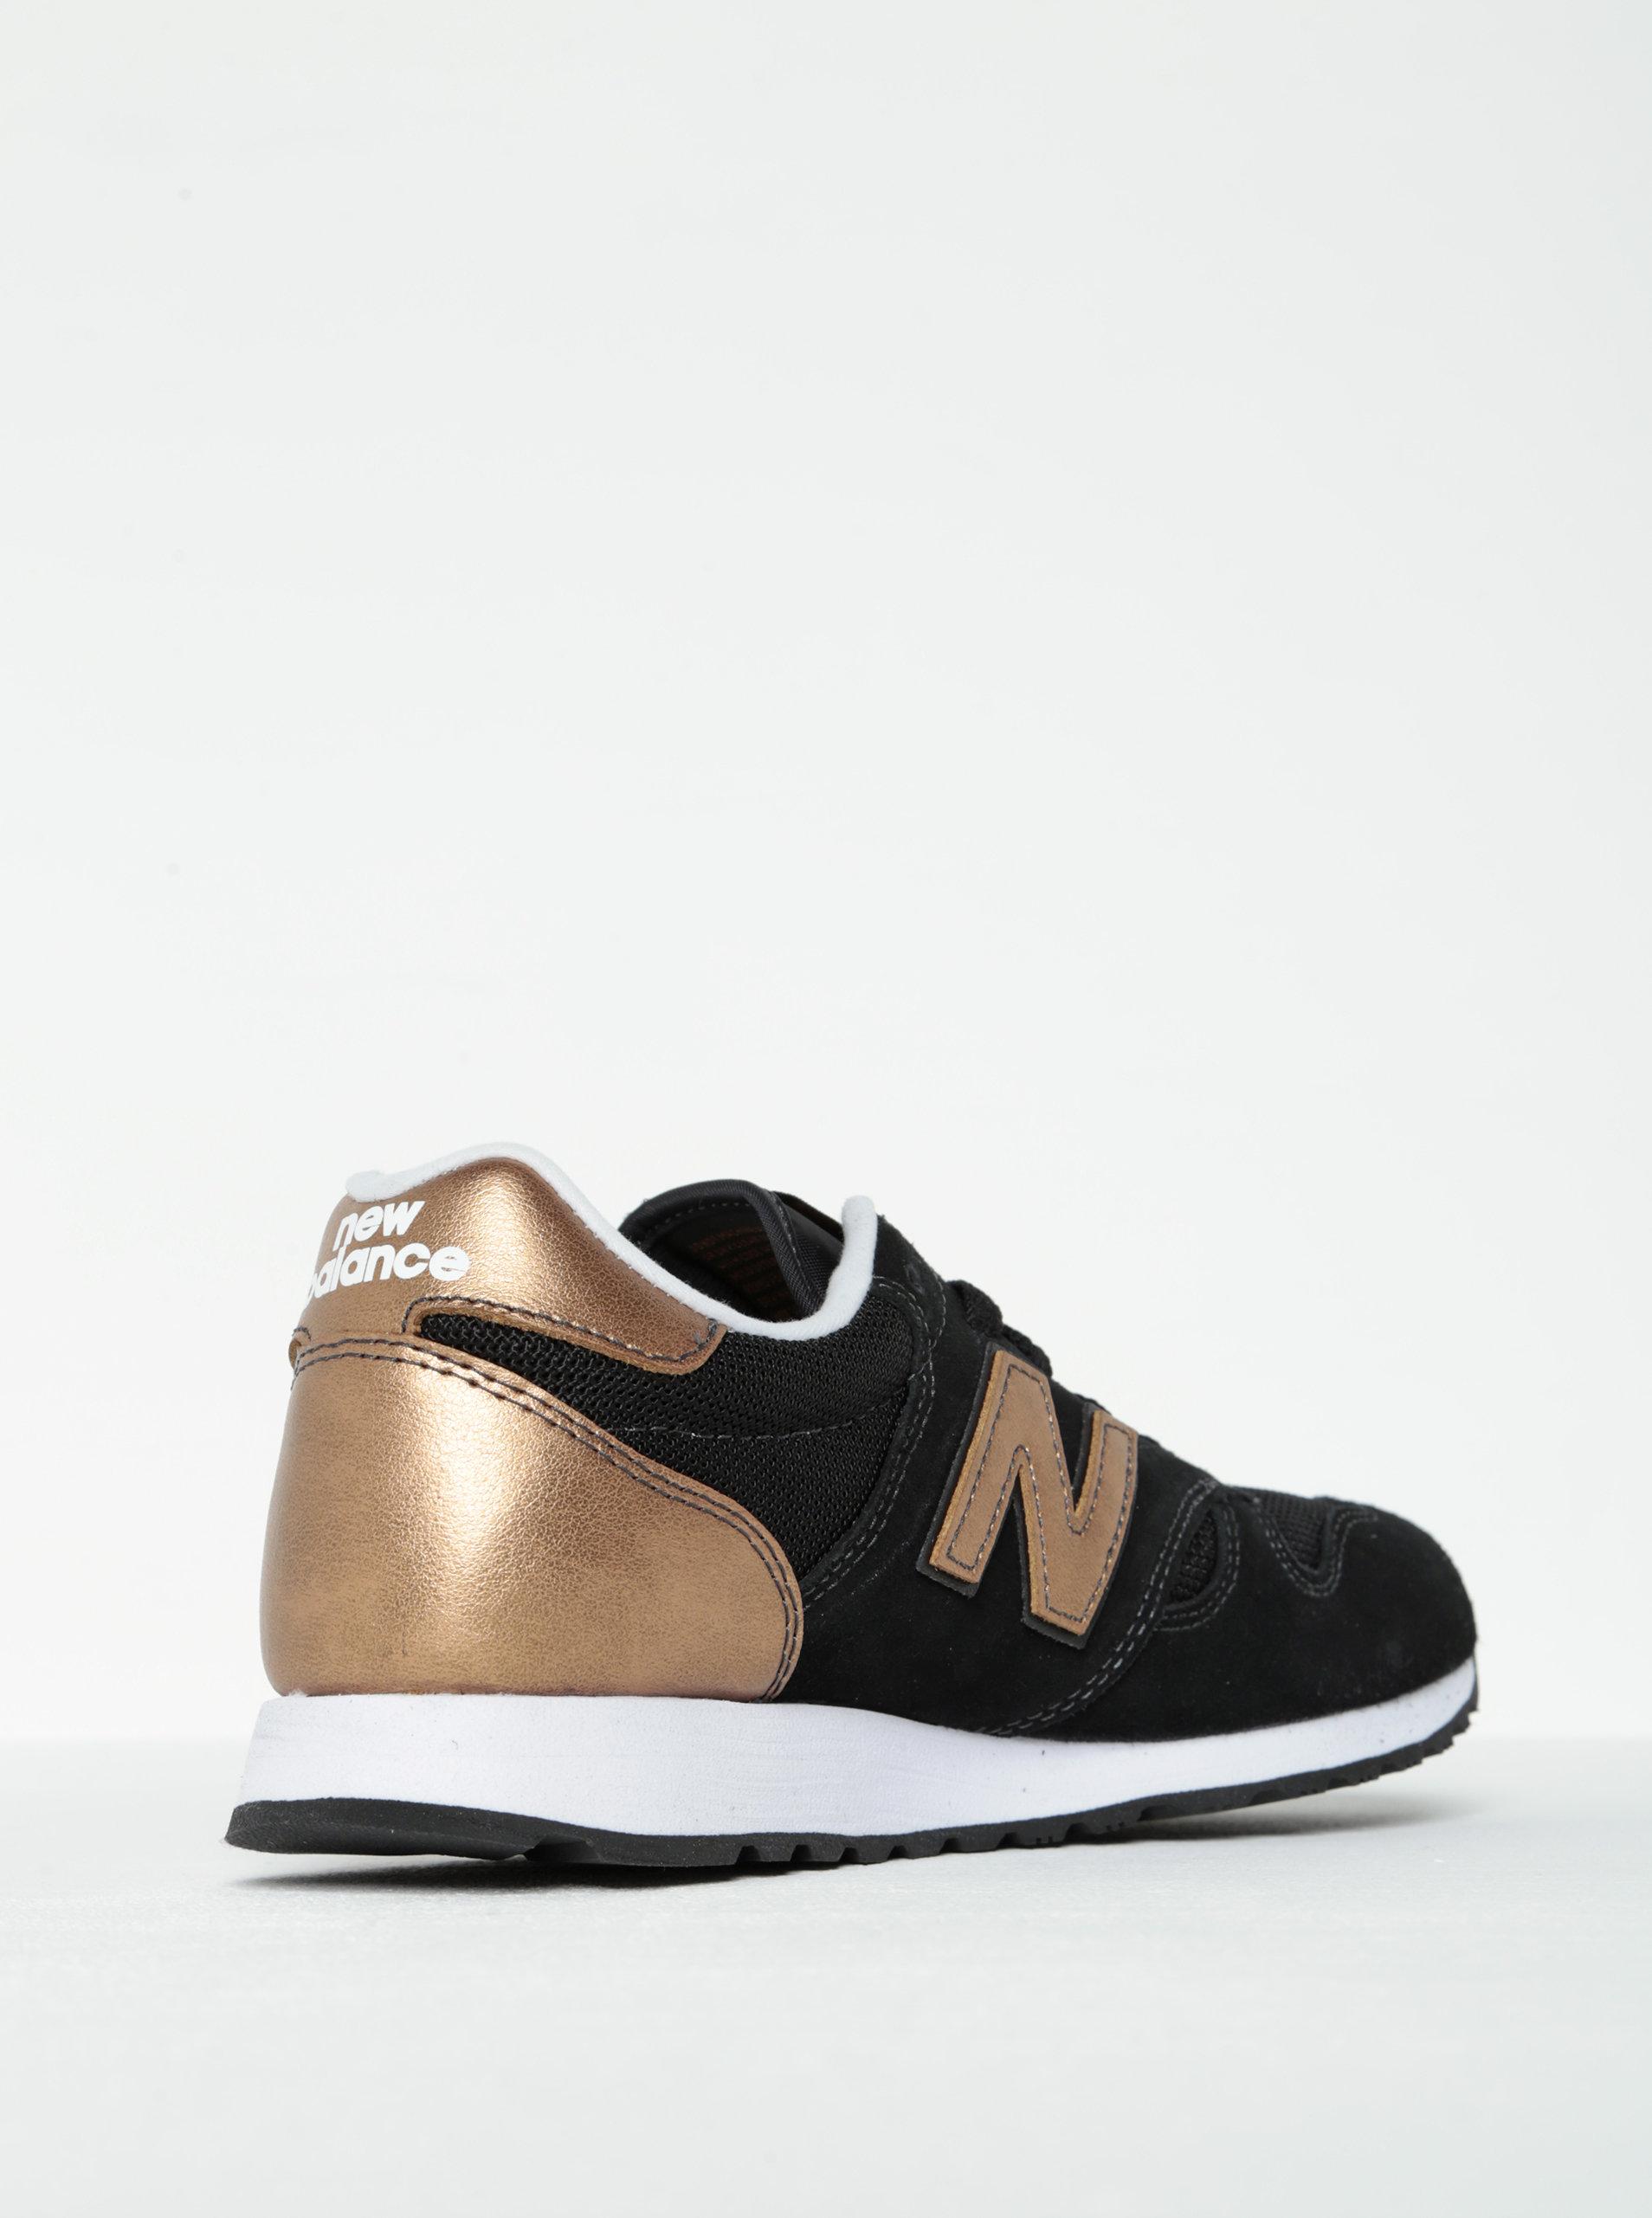 bee485ba90a Čierne dámske tenisky s detailmi v bronzovej farbe New Balance ...